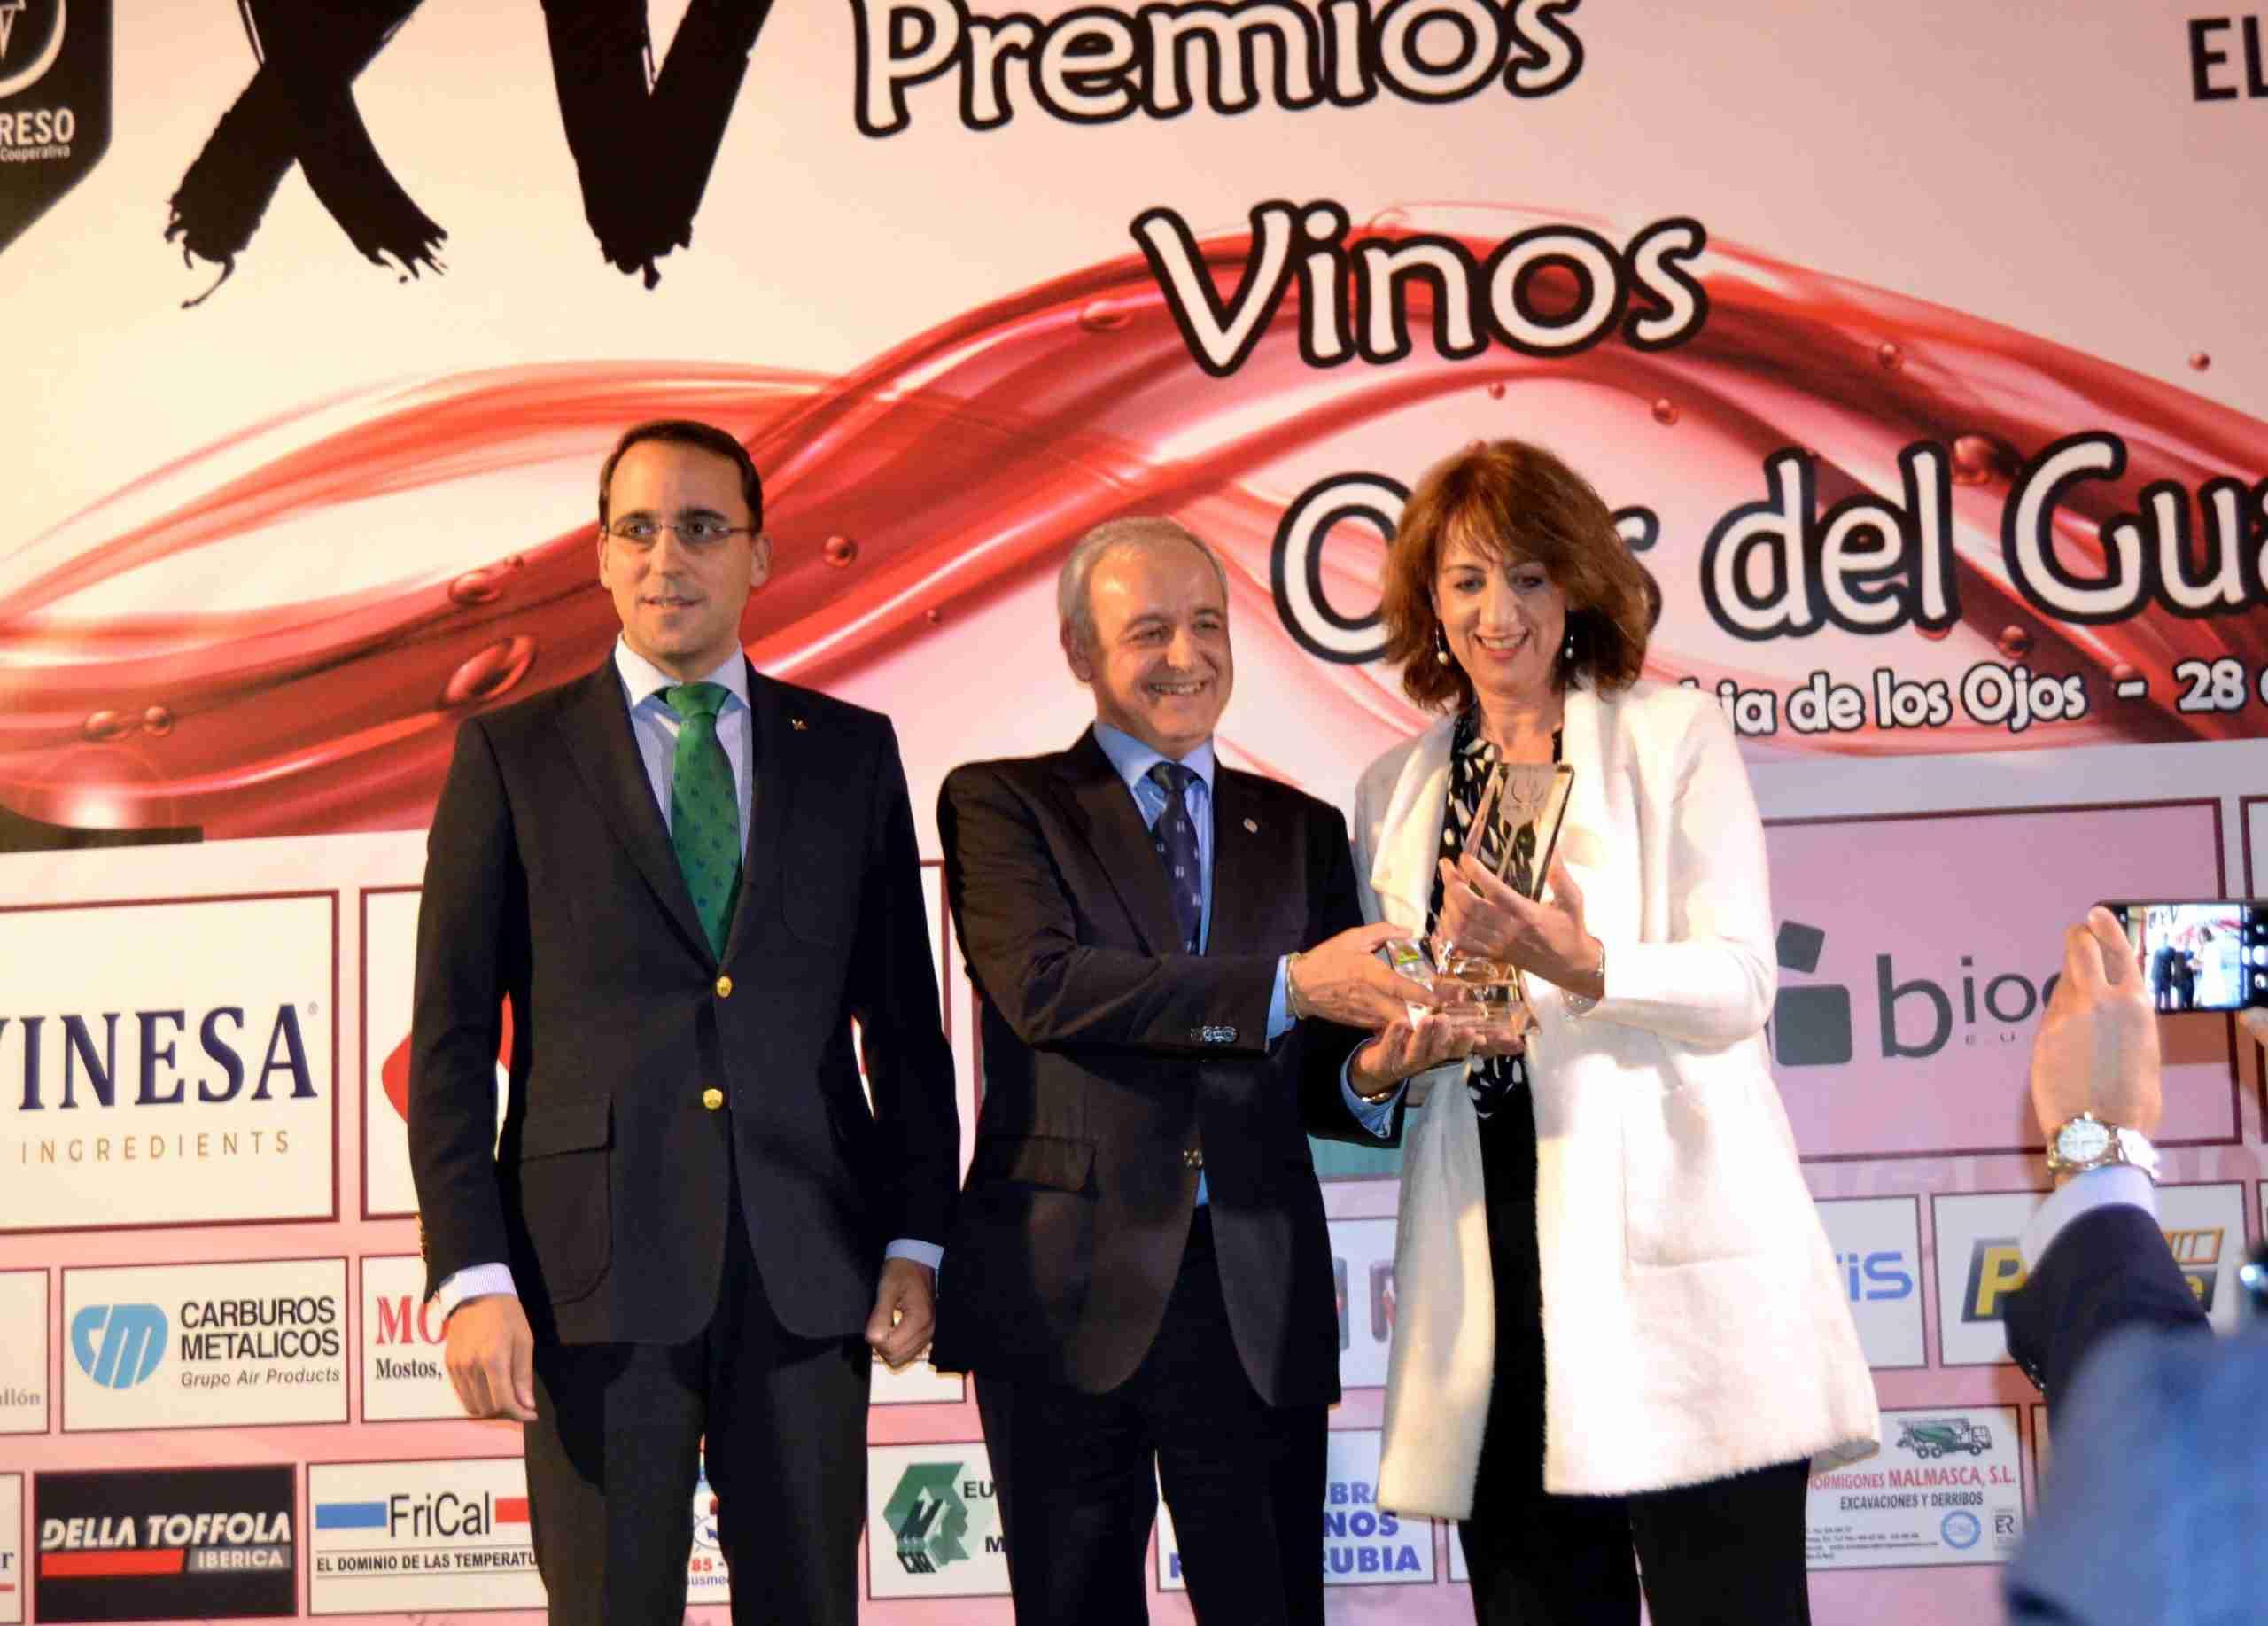 """Éxito de los 15 Premios """"Vinos Ojos del Guadiana"""" de El Progreso con la solidaridad, la cultura y el cooperativismo como protagonistas 25"""